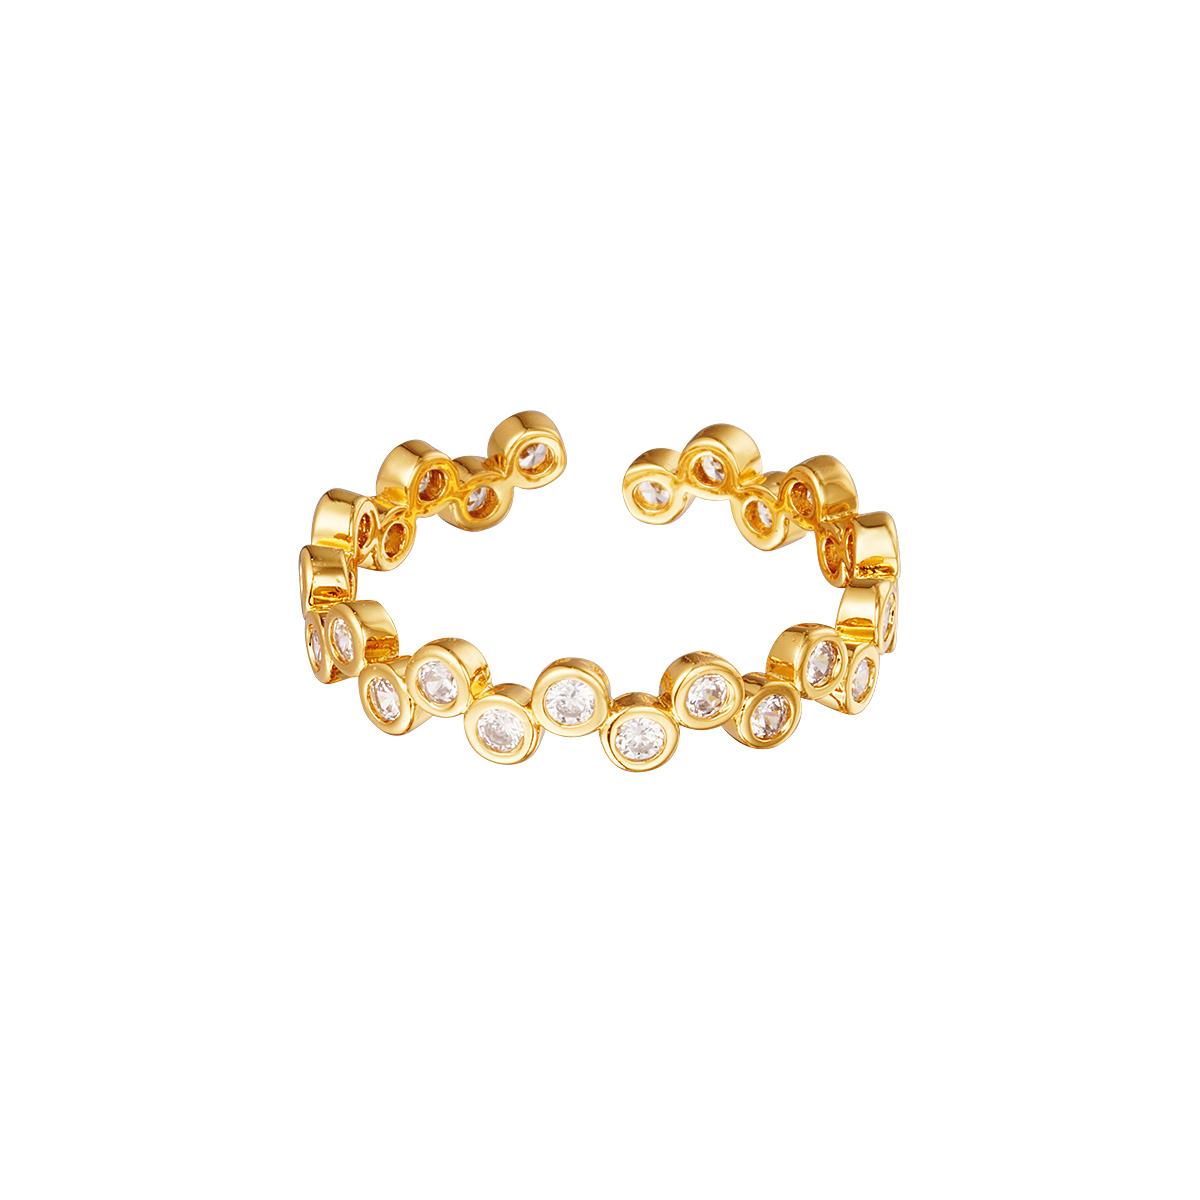 Verstellbarer ring mit zirkoniasteinen